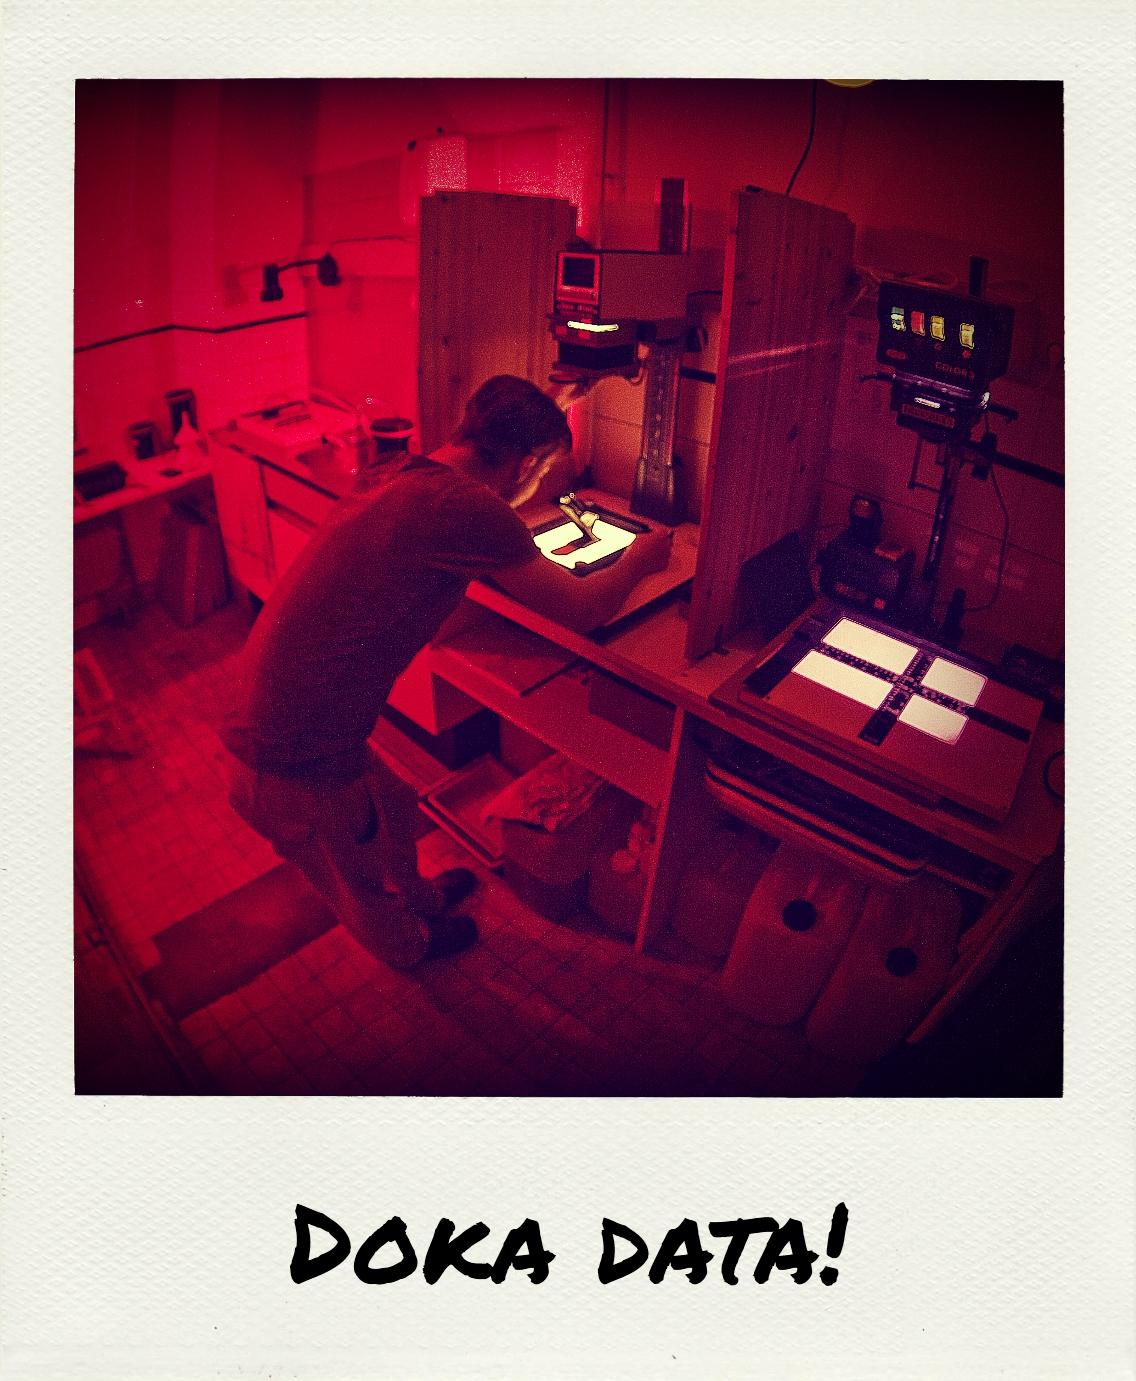 Doka cursus data tot aan zomer 2015